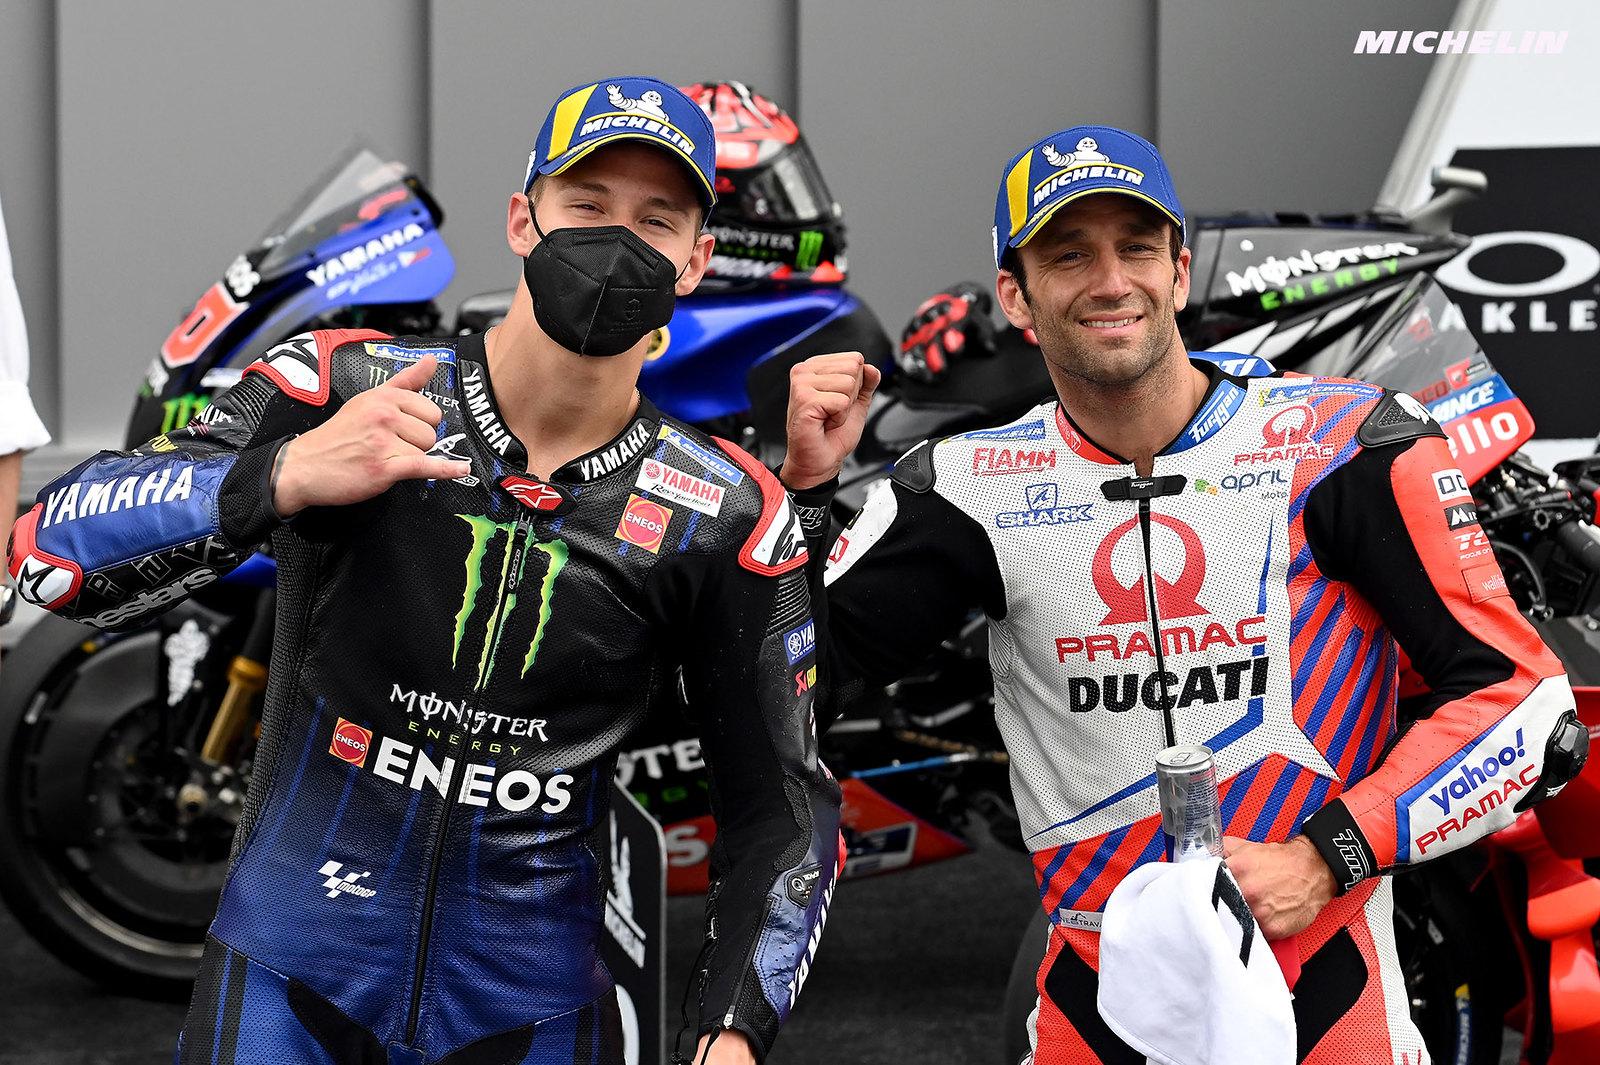 MotoGP2021イタリアGP 予選1位ファビオ・クアルタラロ「キャリアを通じてベストな走行だった」